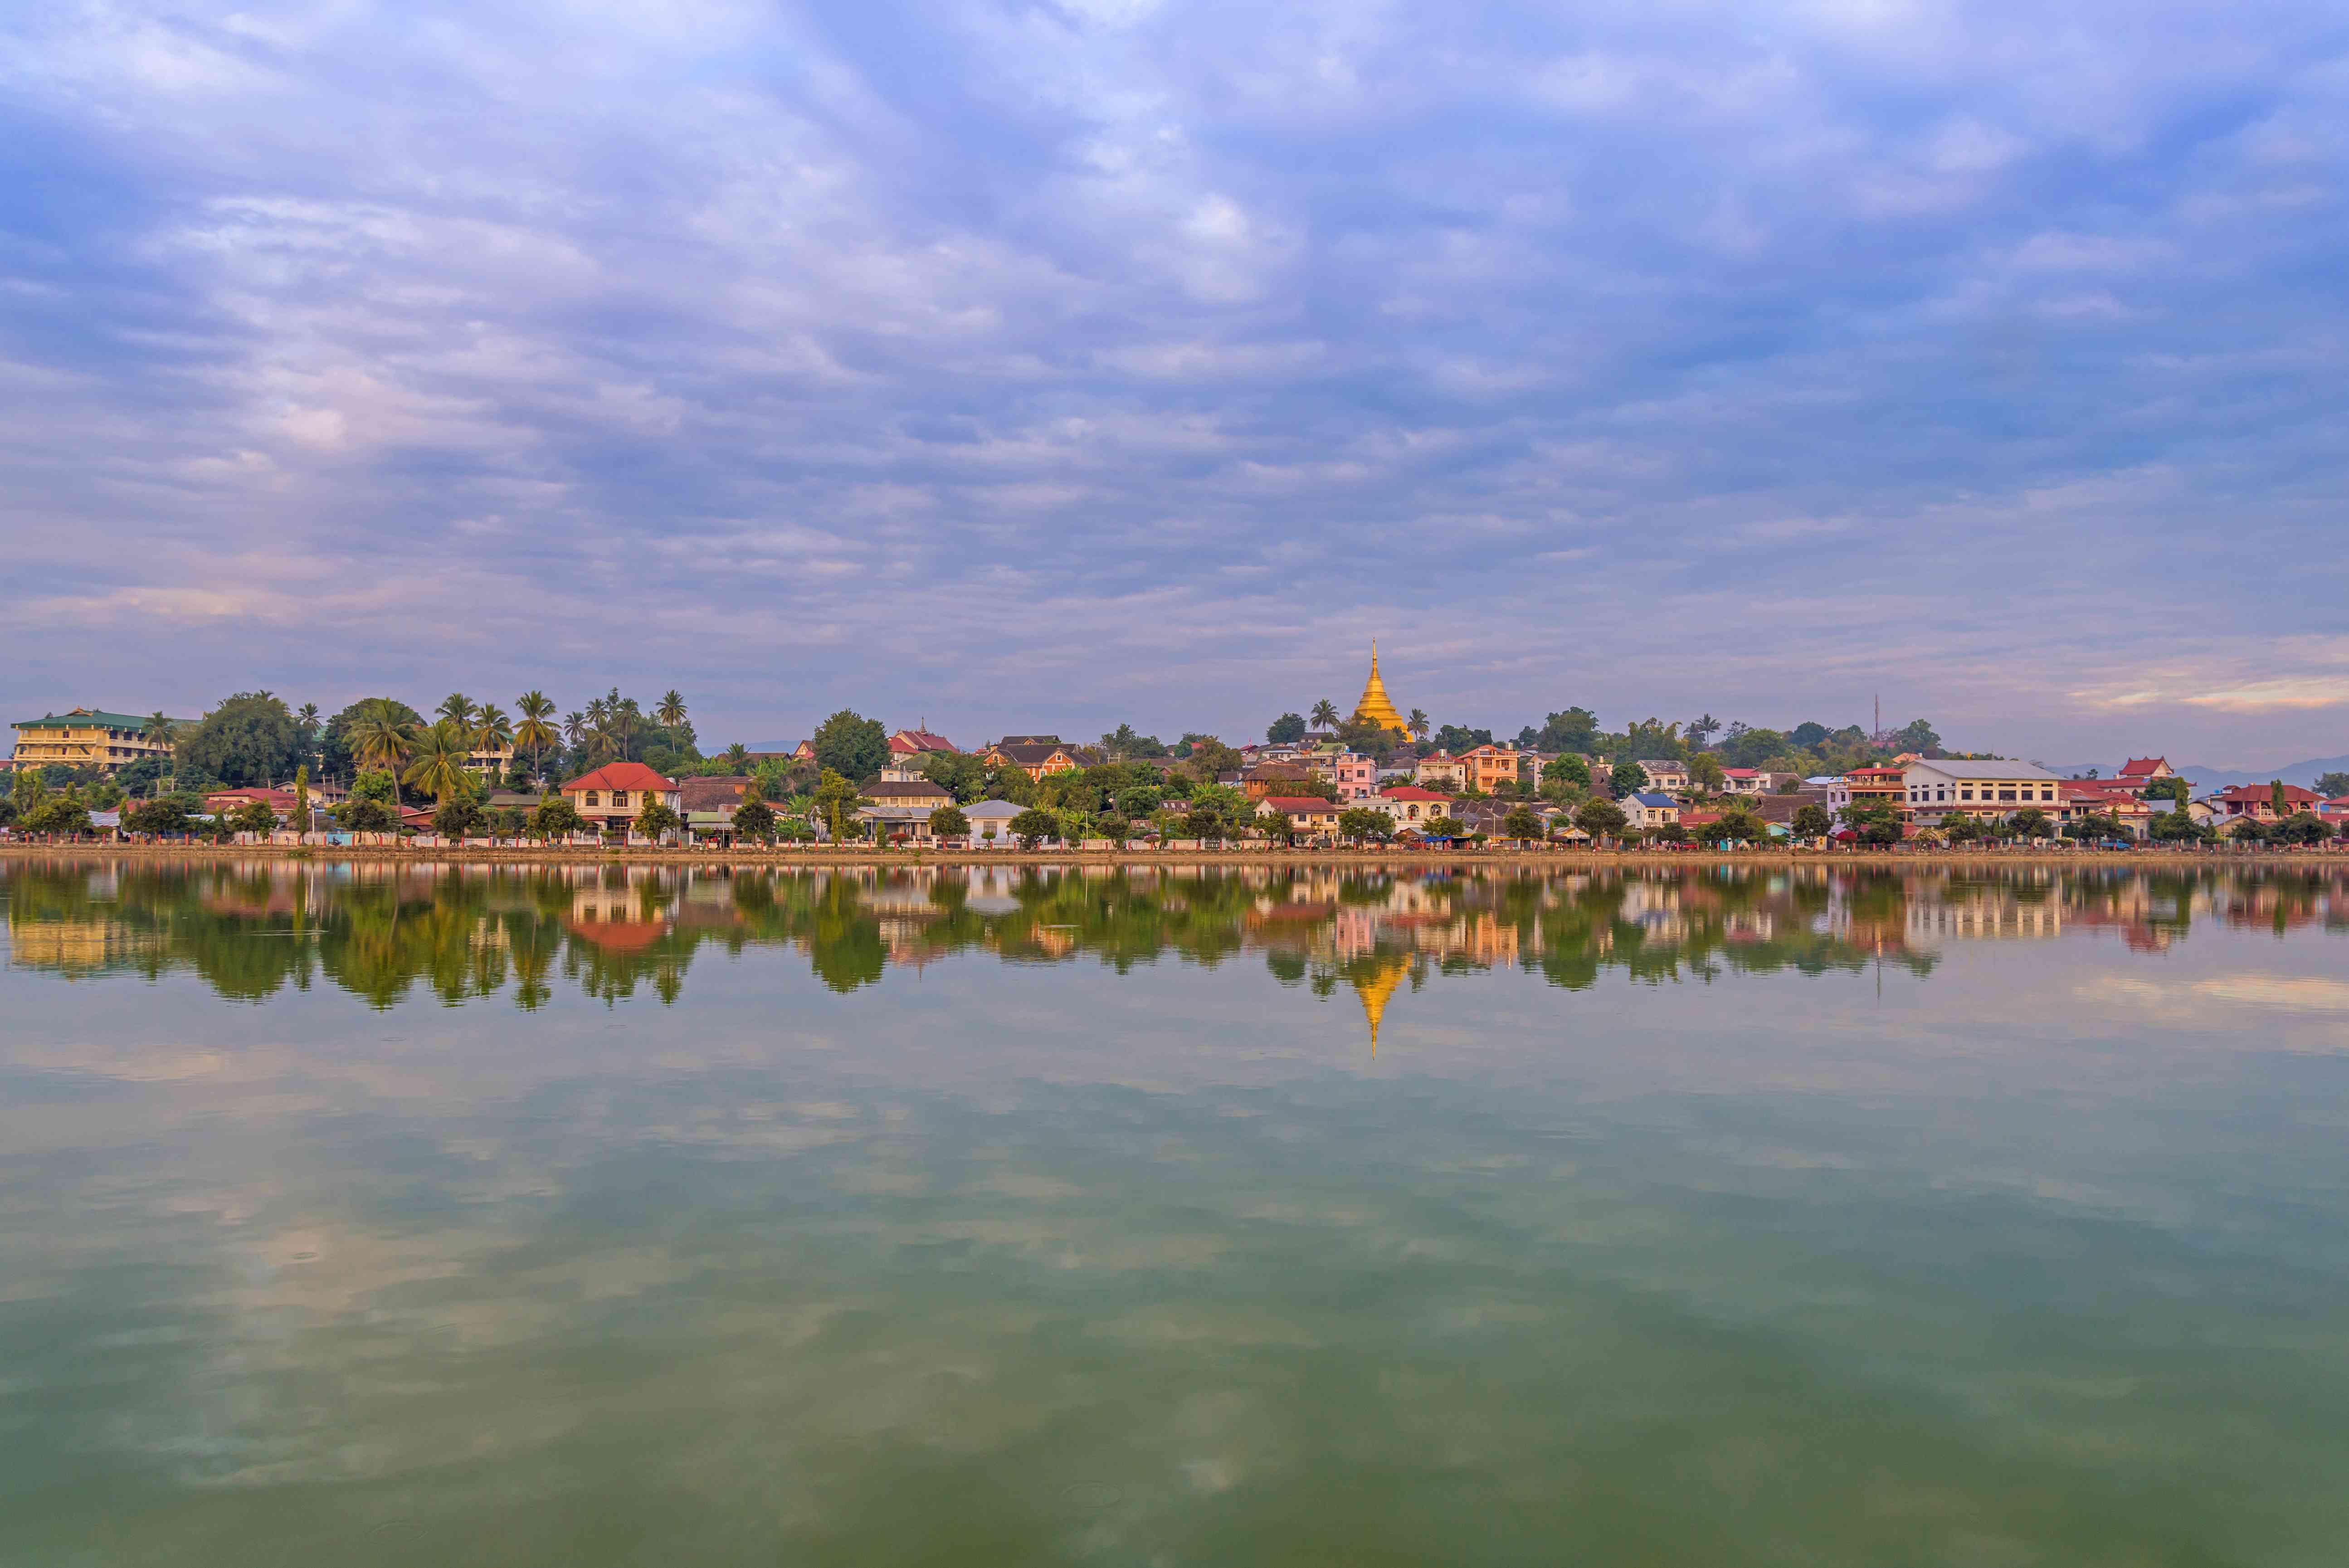 river of Mandalay cityscape in Kyaing tong at Myanmar